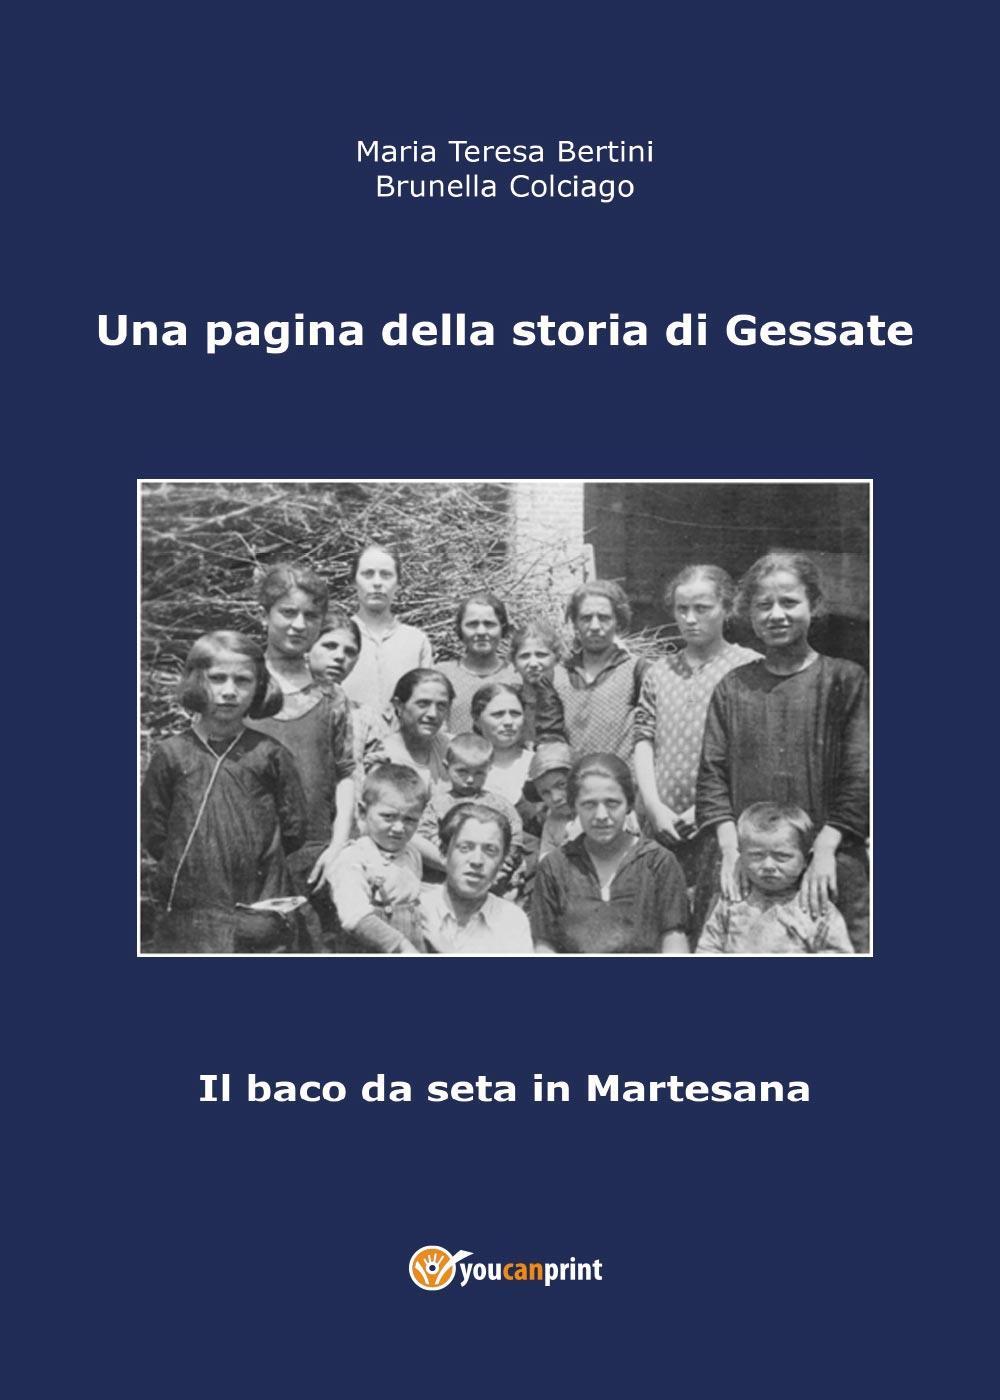 Una pagina della storia di Gessate - Il baco da seta in Martesana